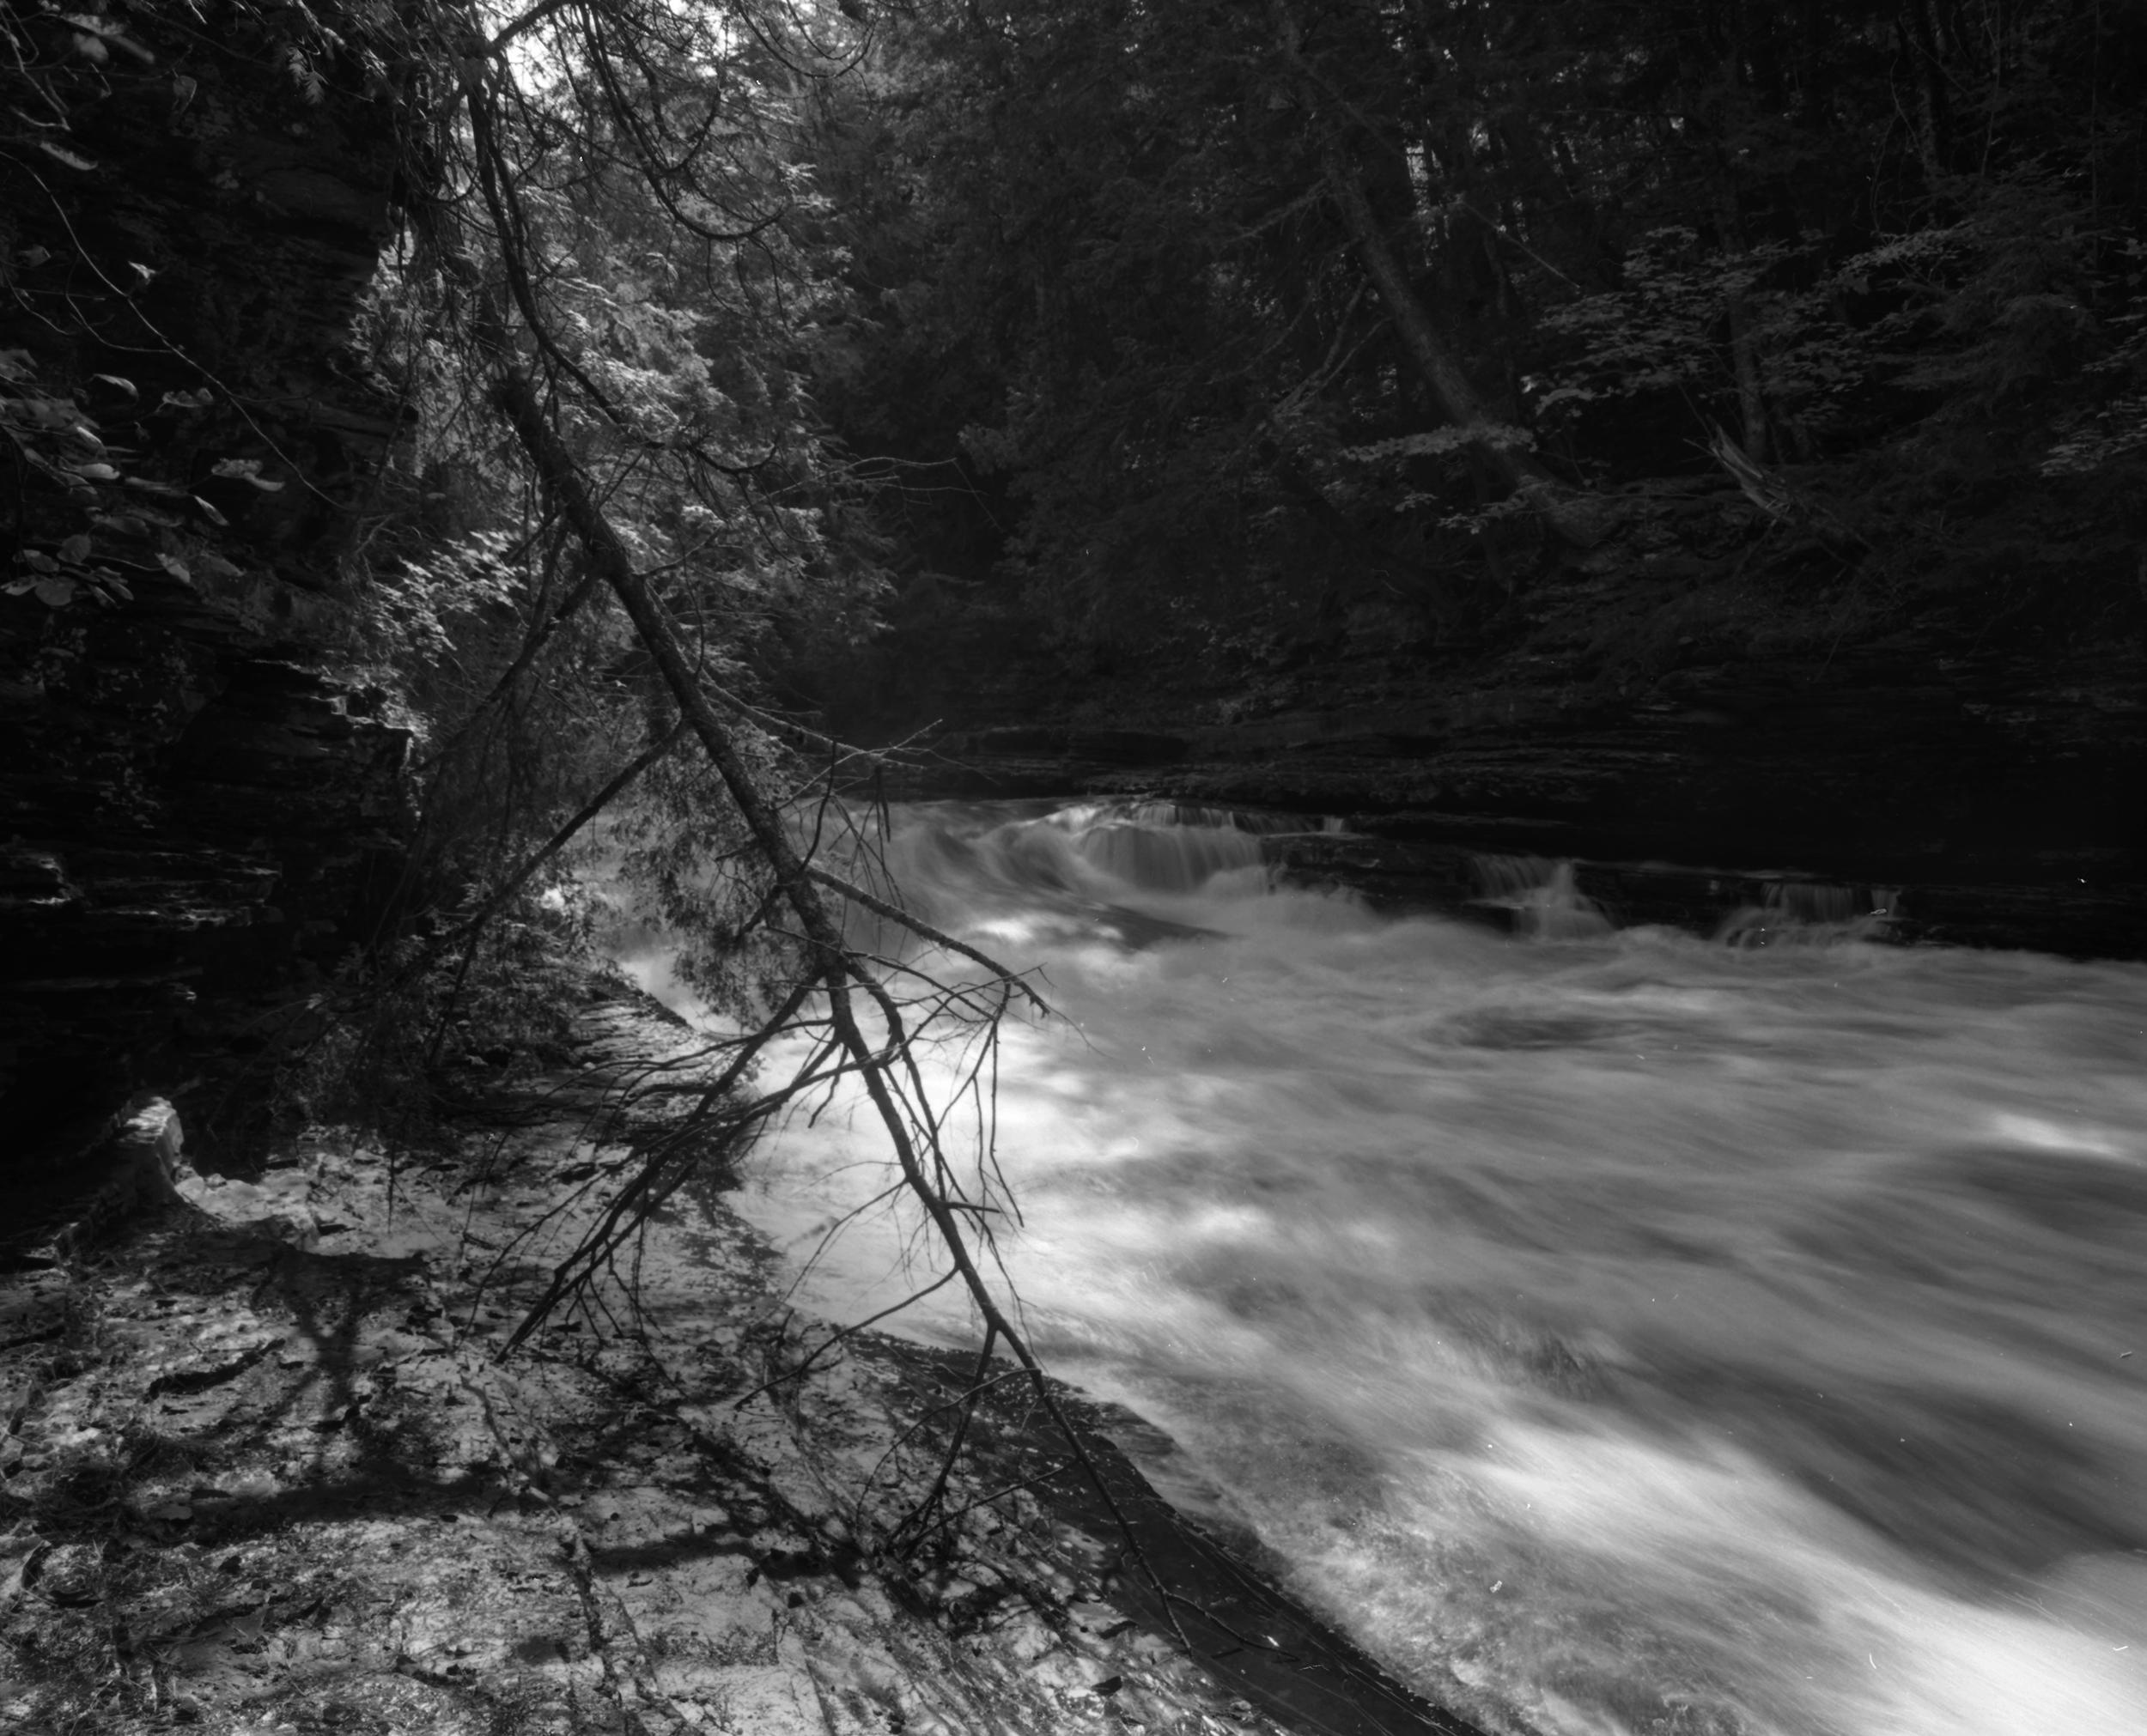 Presque Isle River II, 2014